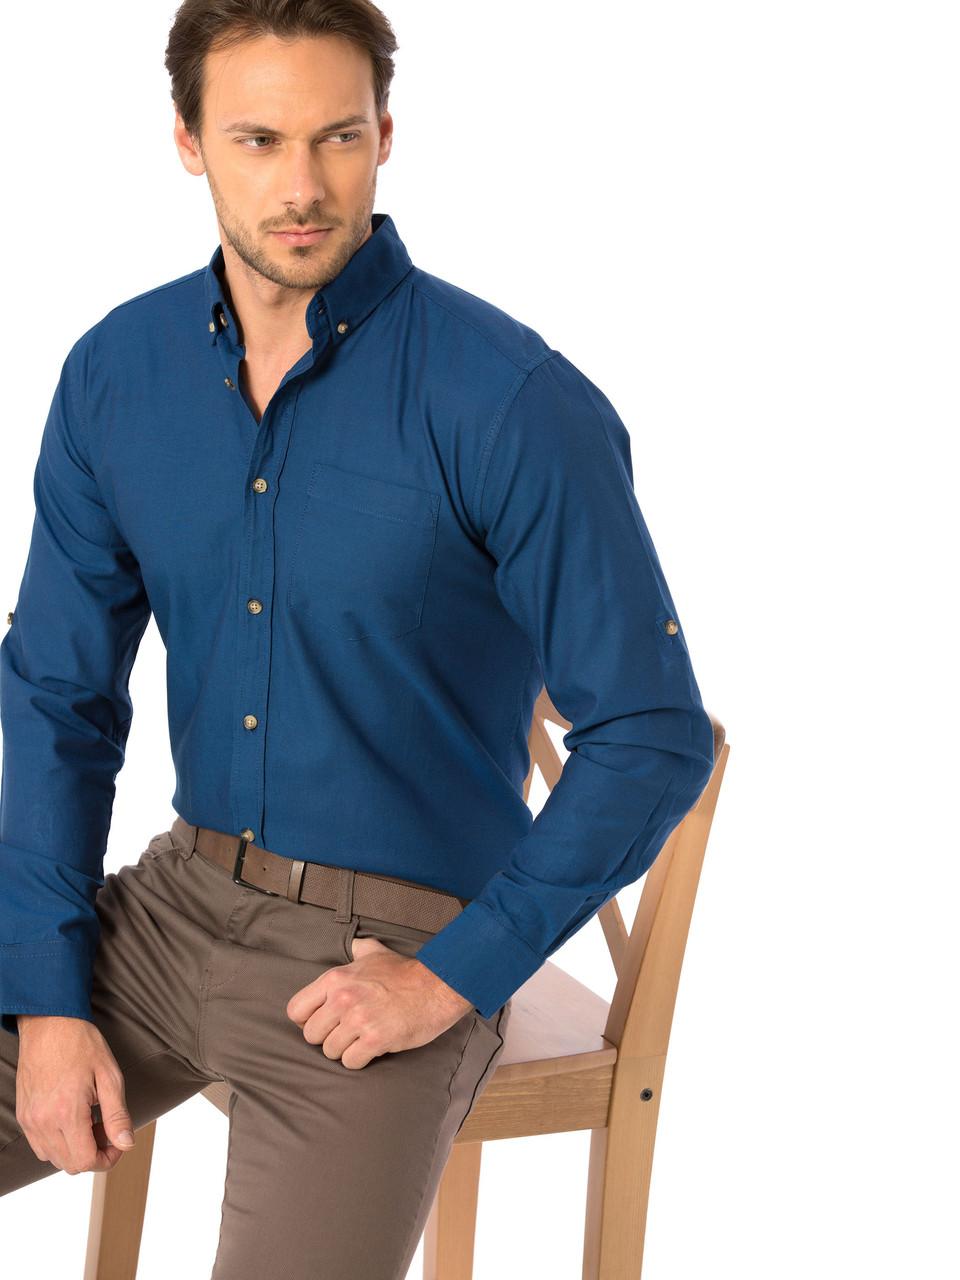 Синяя мужская рубашка LC Waikiki / ЛС Вайкики с пуговицами цвета слоновой кости